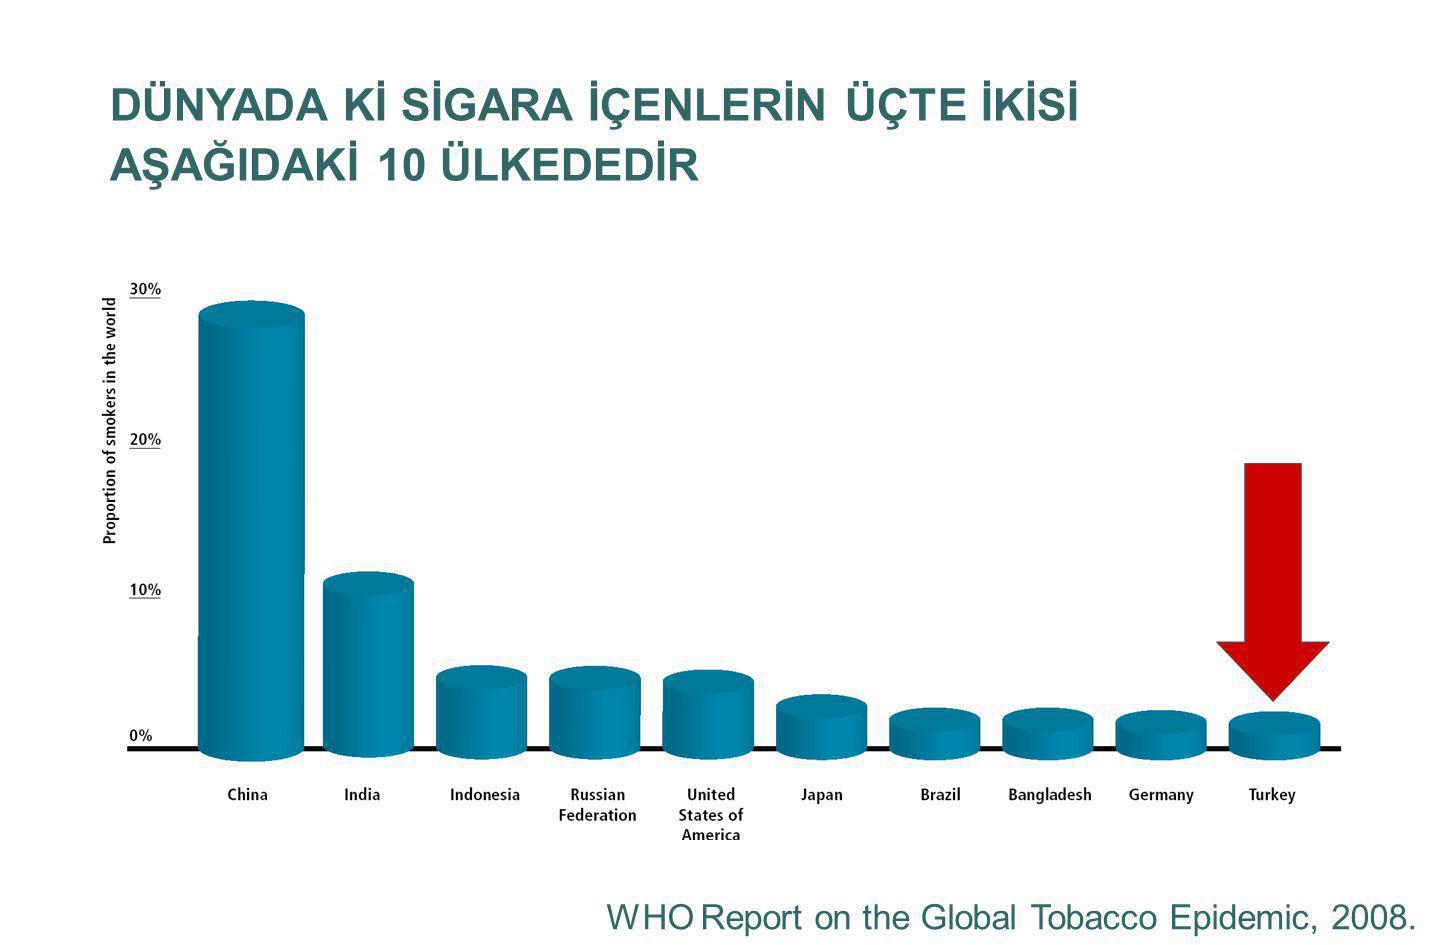 Etkin Tütün Kontrolü Fiyat : 30 puan Sigara yasak ve kısıtlaması: 22 puan Tütün kontrolüne kaynak : 15 puan Reklam yasağı: 13 puan Sigara bırakma: 10 puan Uyarı yazıları: 10 puan kaynak: ENSP 2004